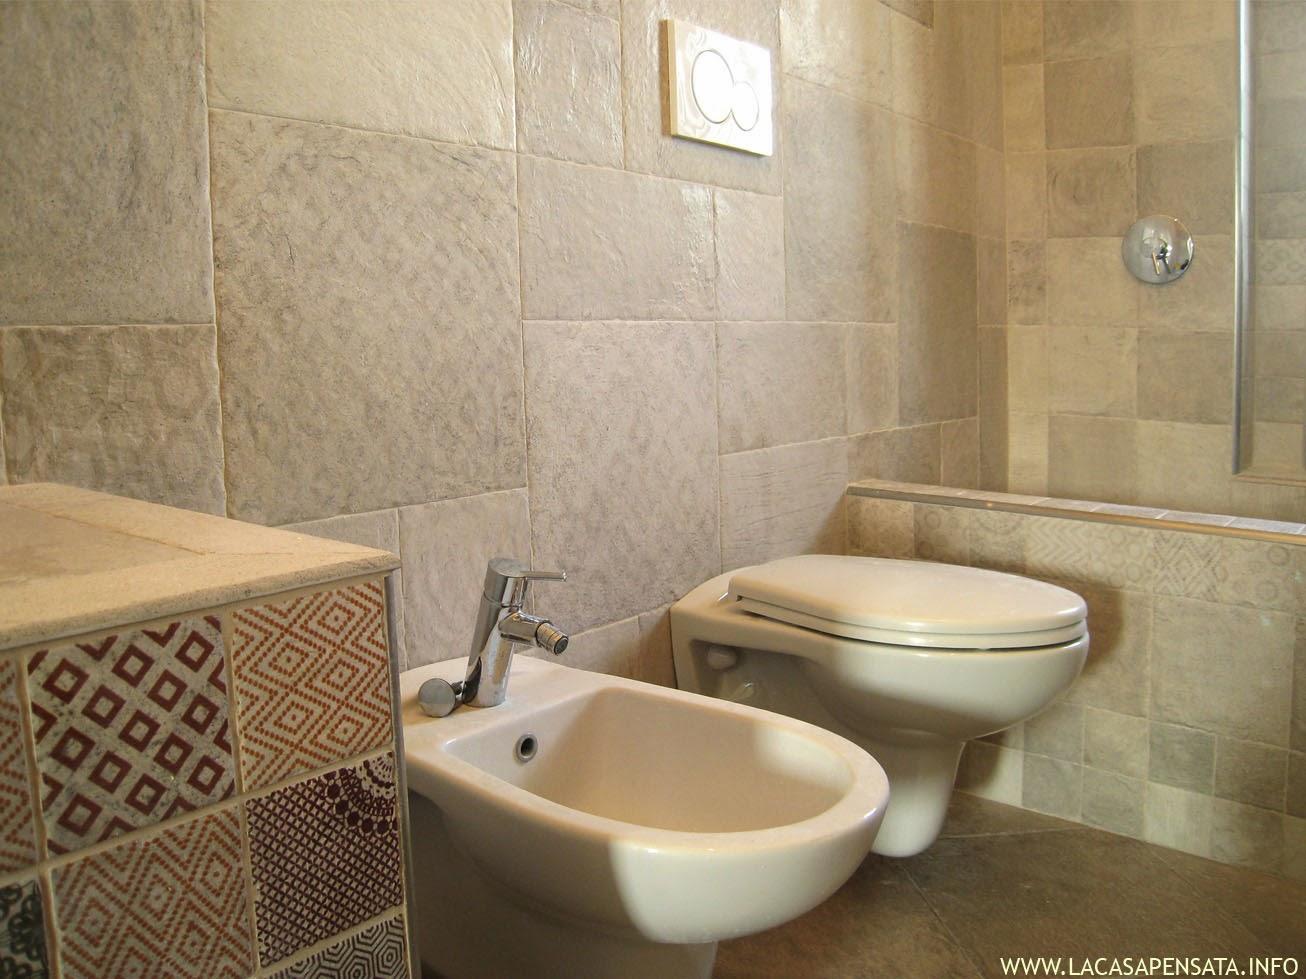 Conviene ristrutturare una casa vecchia o comprarla nuova - Bagno di casa ...